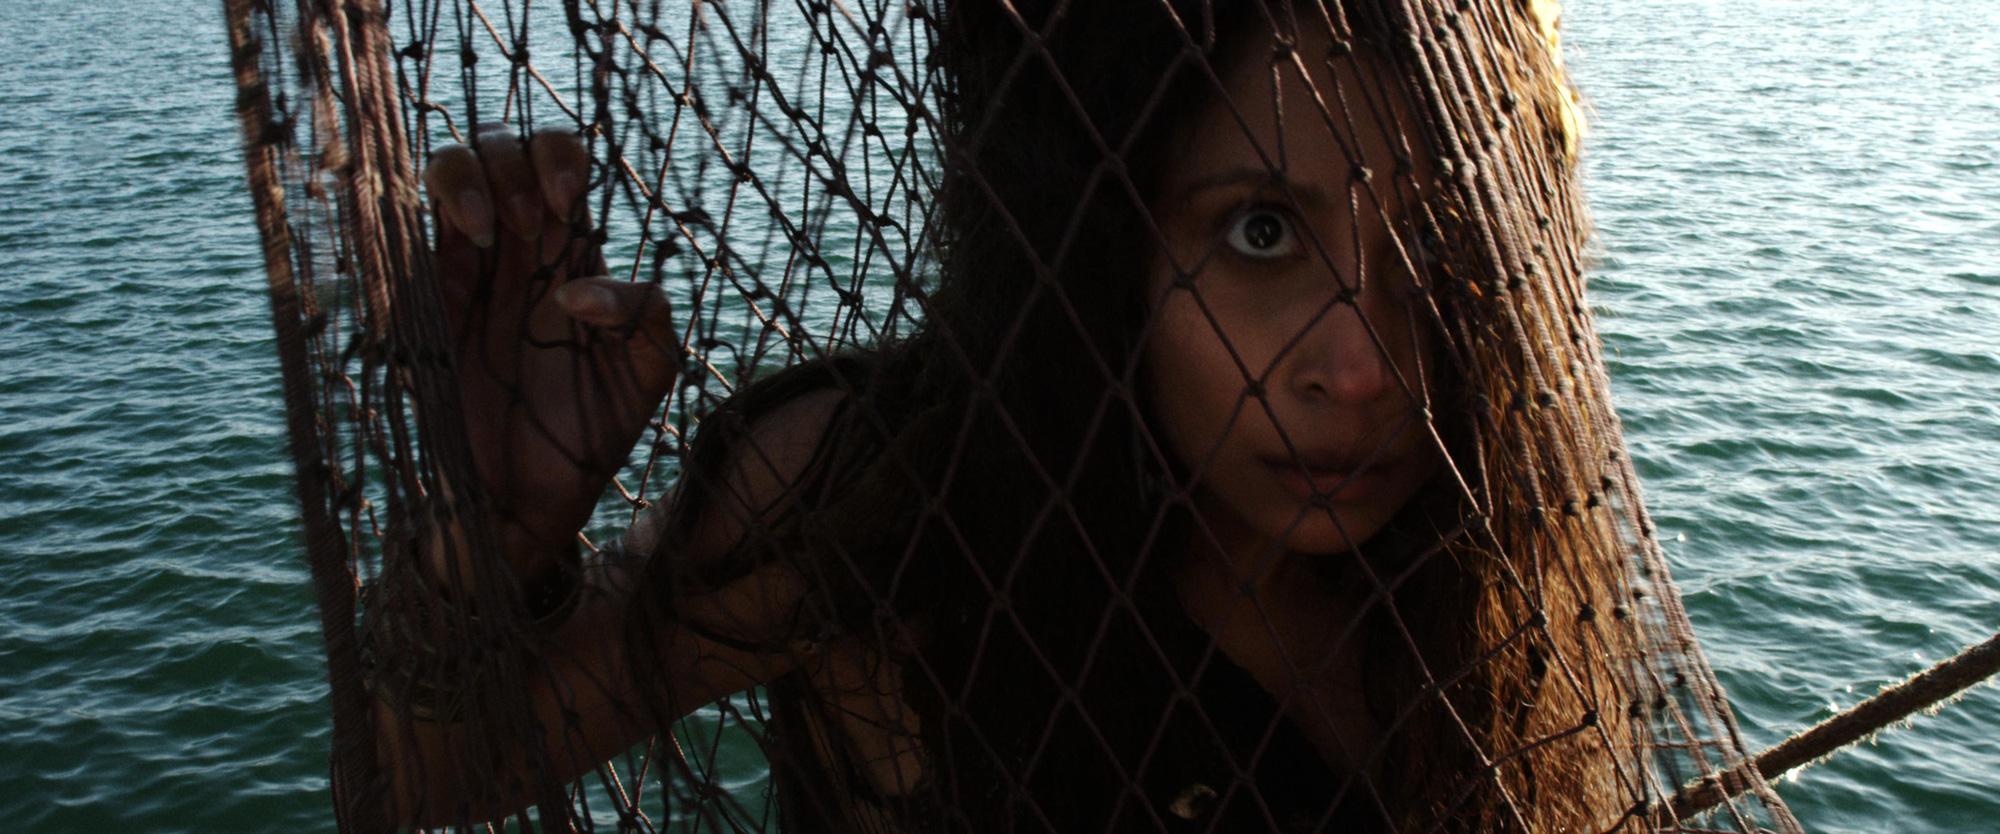 Phim rạp cuối tuần: Nữ Hoàng Băng Giá đối đầu với người cá mất đuôi, nữ cường nào sẽ về đích trước? - Ảnh 13.